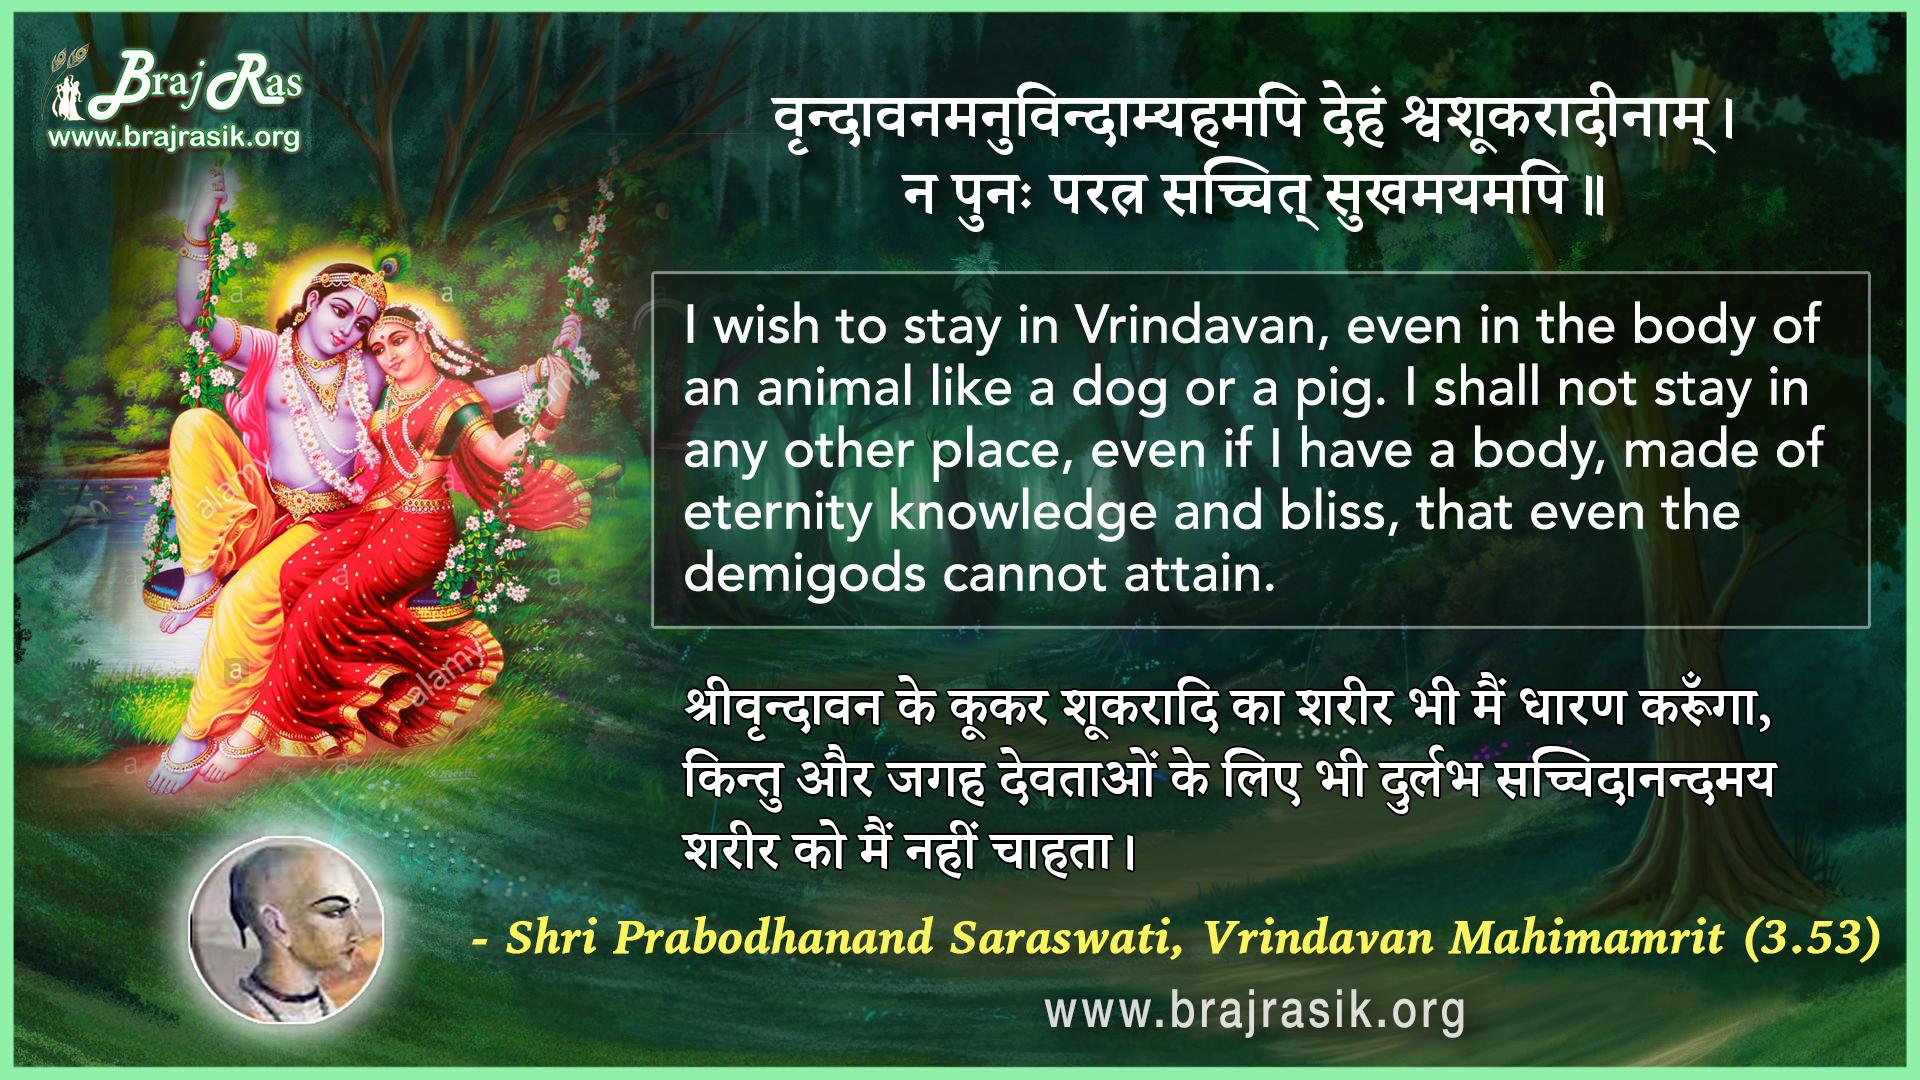 Vrindavanamanuvindaamyahamapi Deham - Shri Prabodhanand Saraswati, Vrindavan Mahimamrit (3.53)